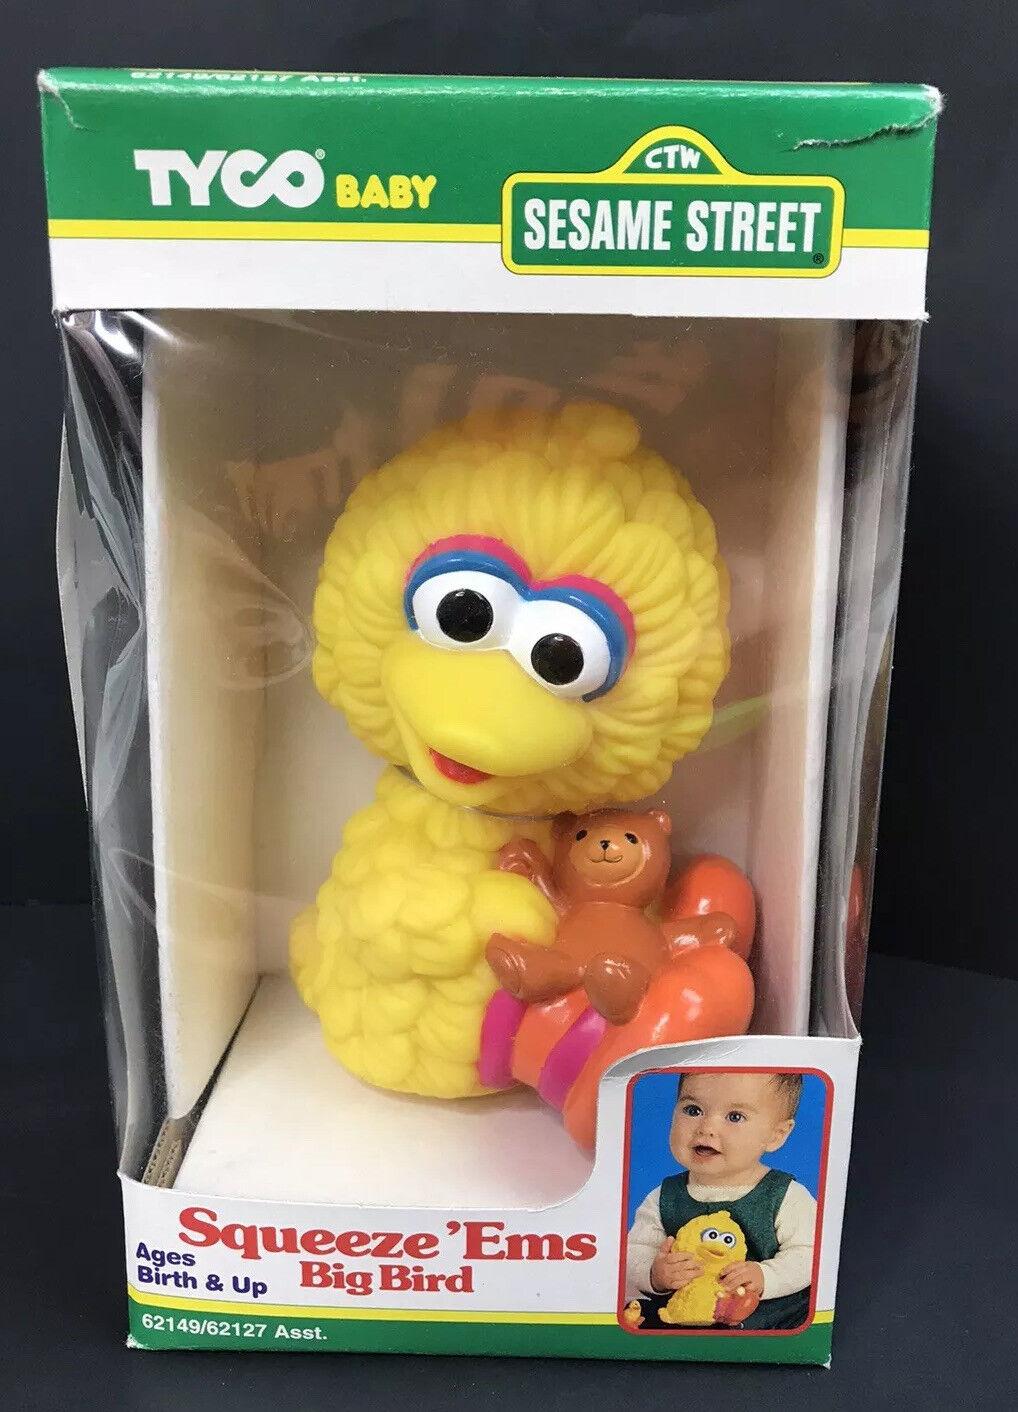 1995 Jahr (TYCO Baby)  SESAME Straße  (Squeeze 'Ems)  groß BIRD  Spielzeug, RARE